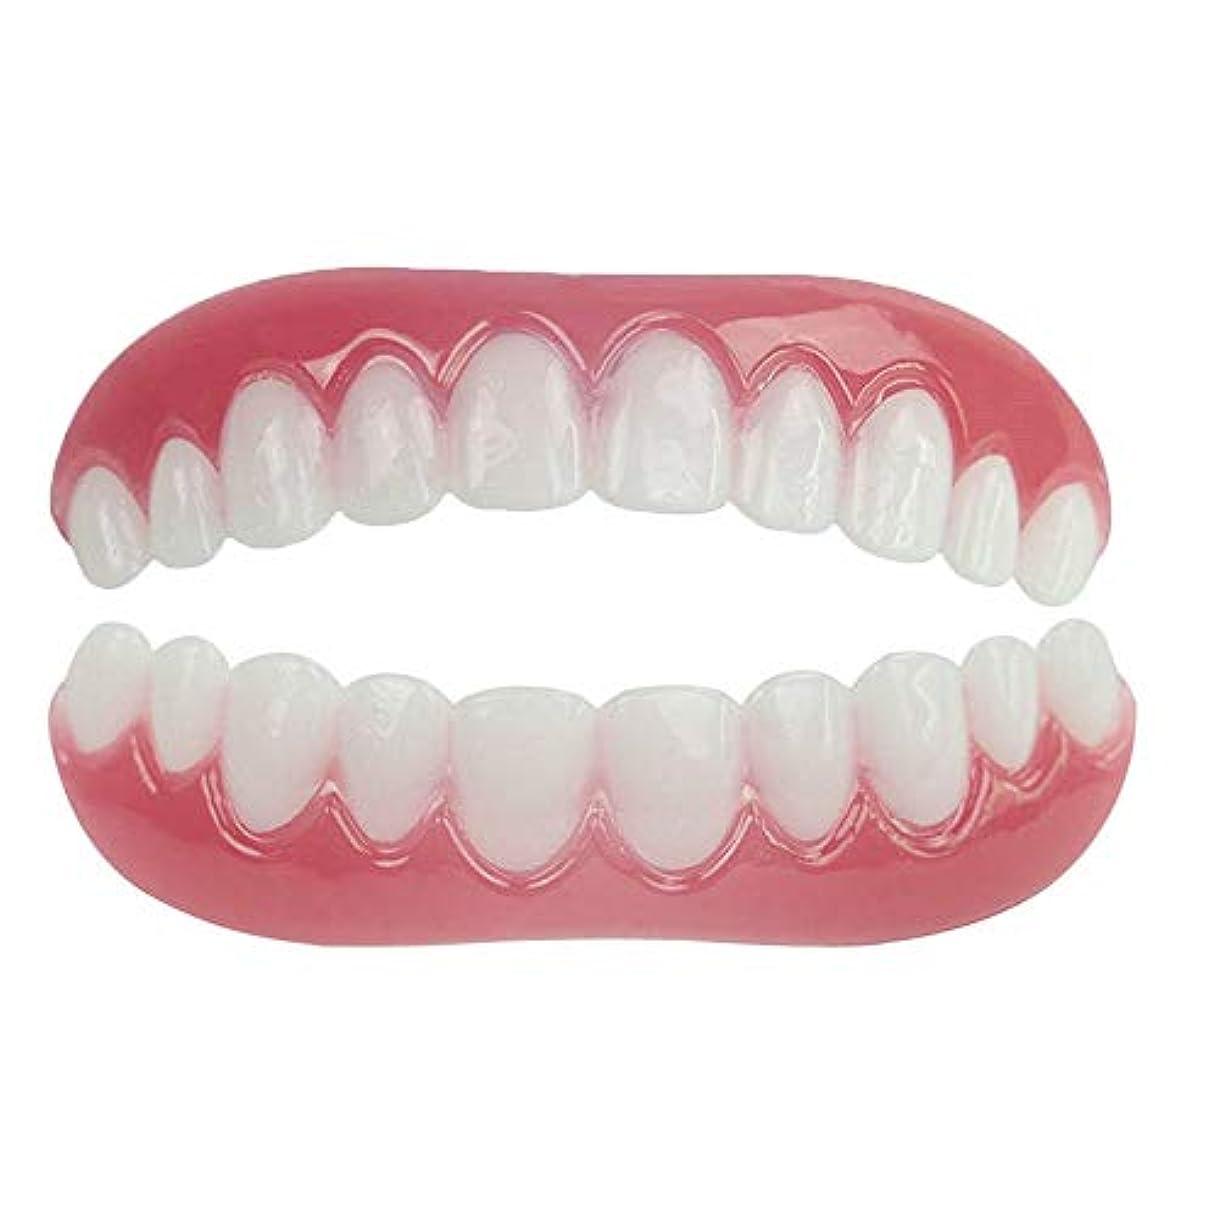 酸っぱいあざスクラブシリコンシミュレーションの上下の義歯スリーブ、歯科用ベニヤホワイトニングティーセット(2セット),Boxed,UpperLower